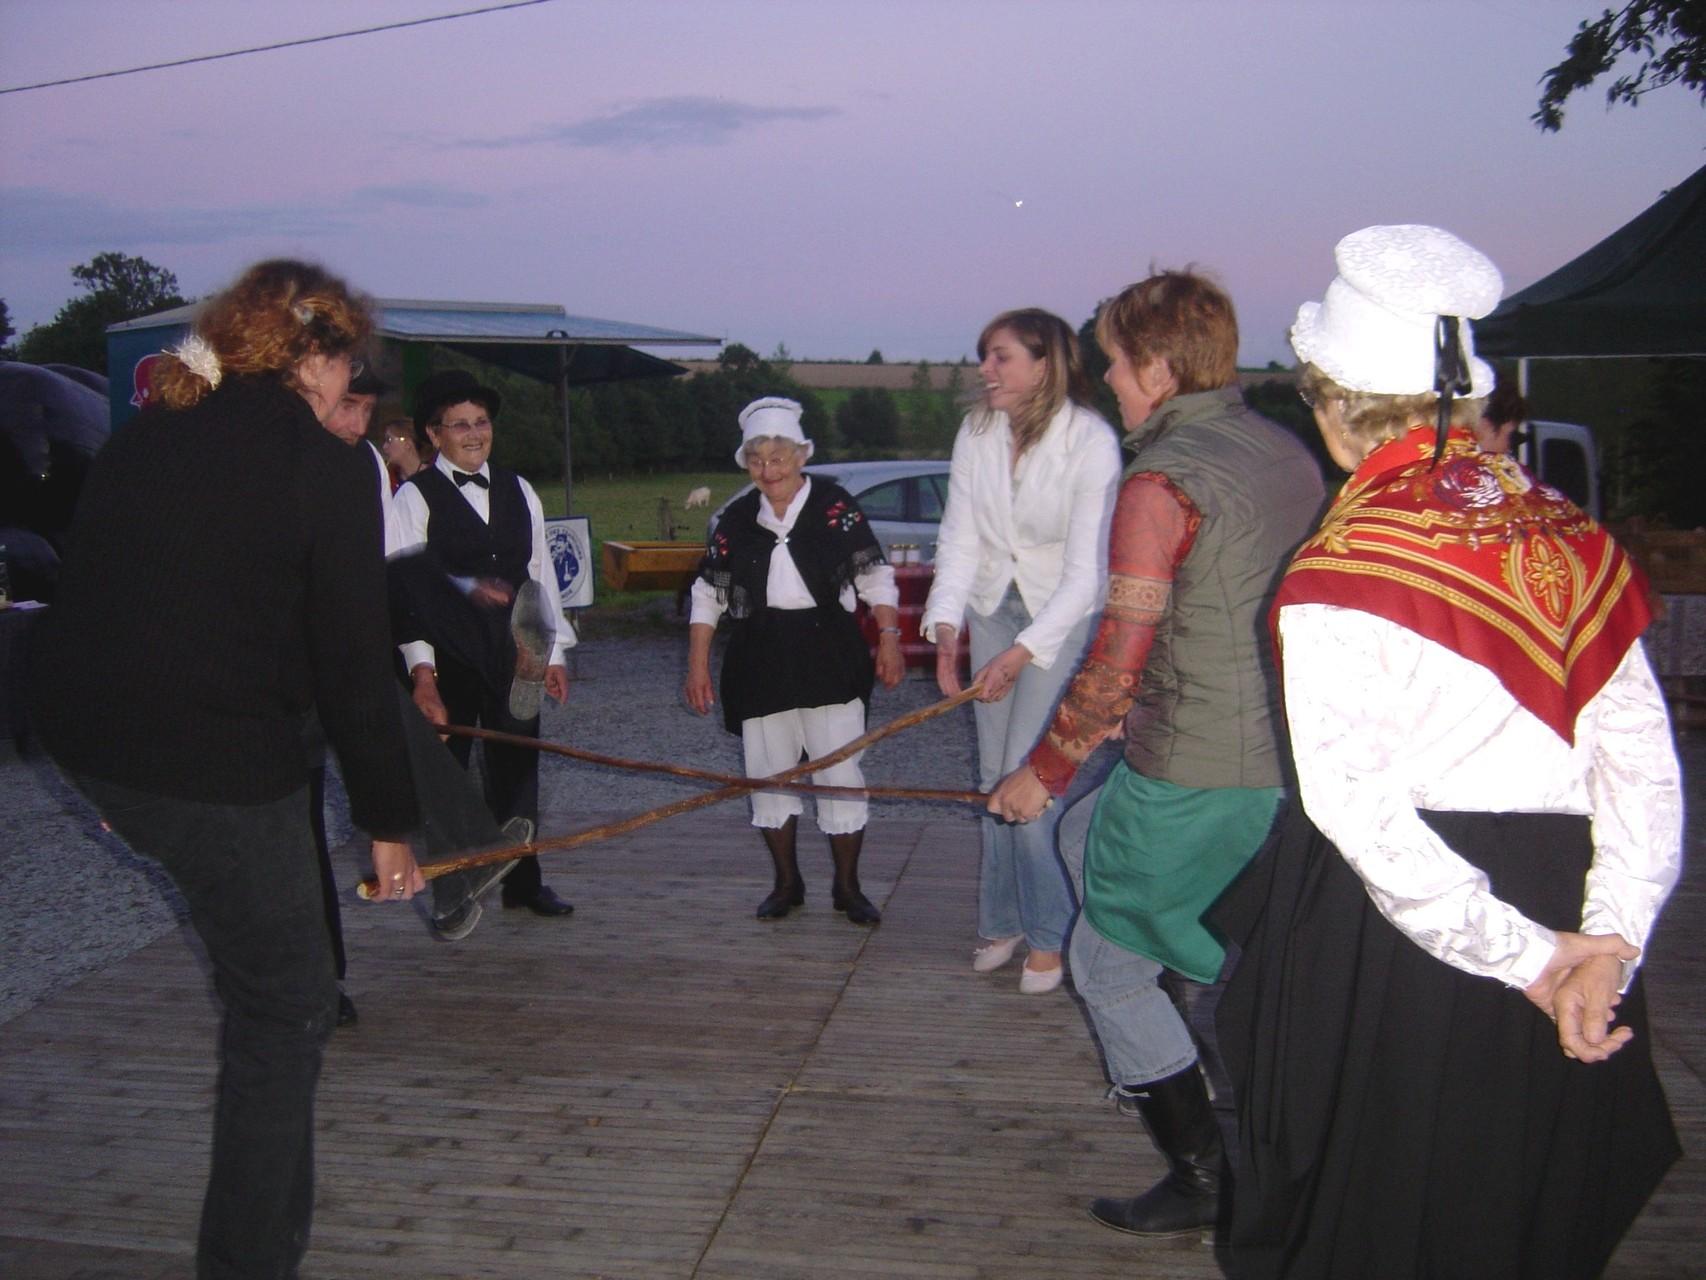 Le groupe de danseurs met à contribution le public pour la danse du bâton